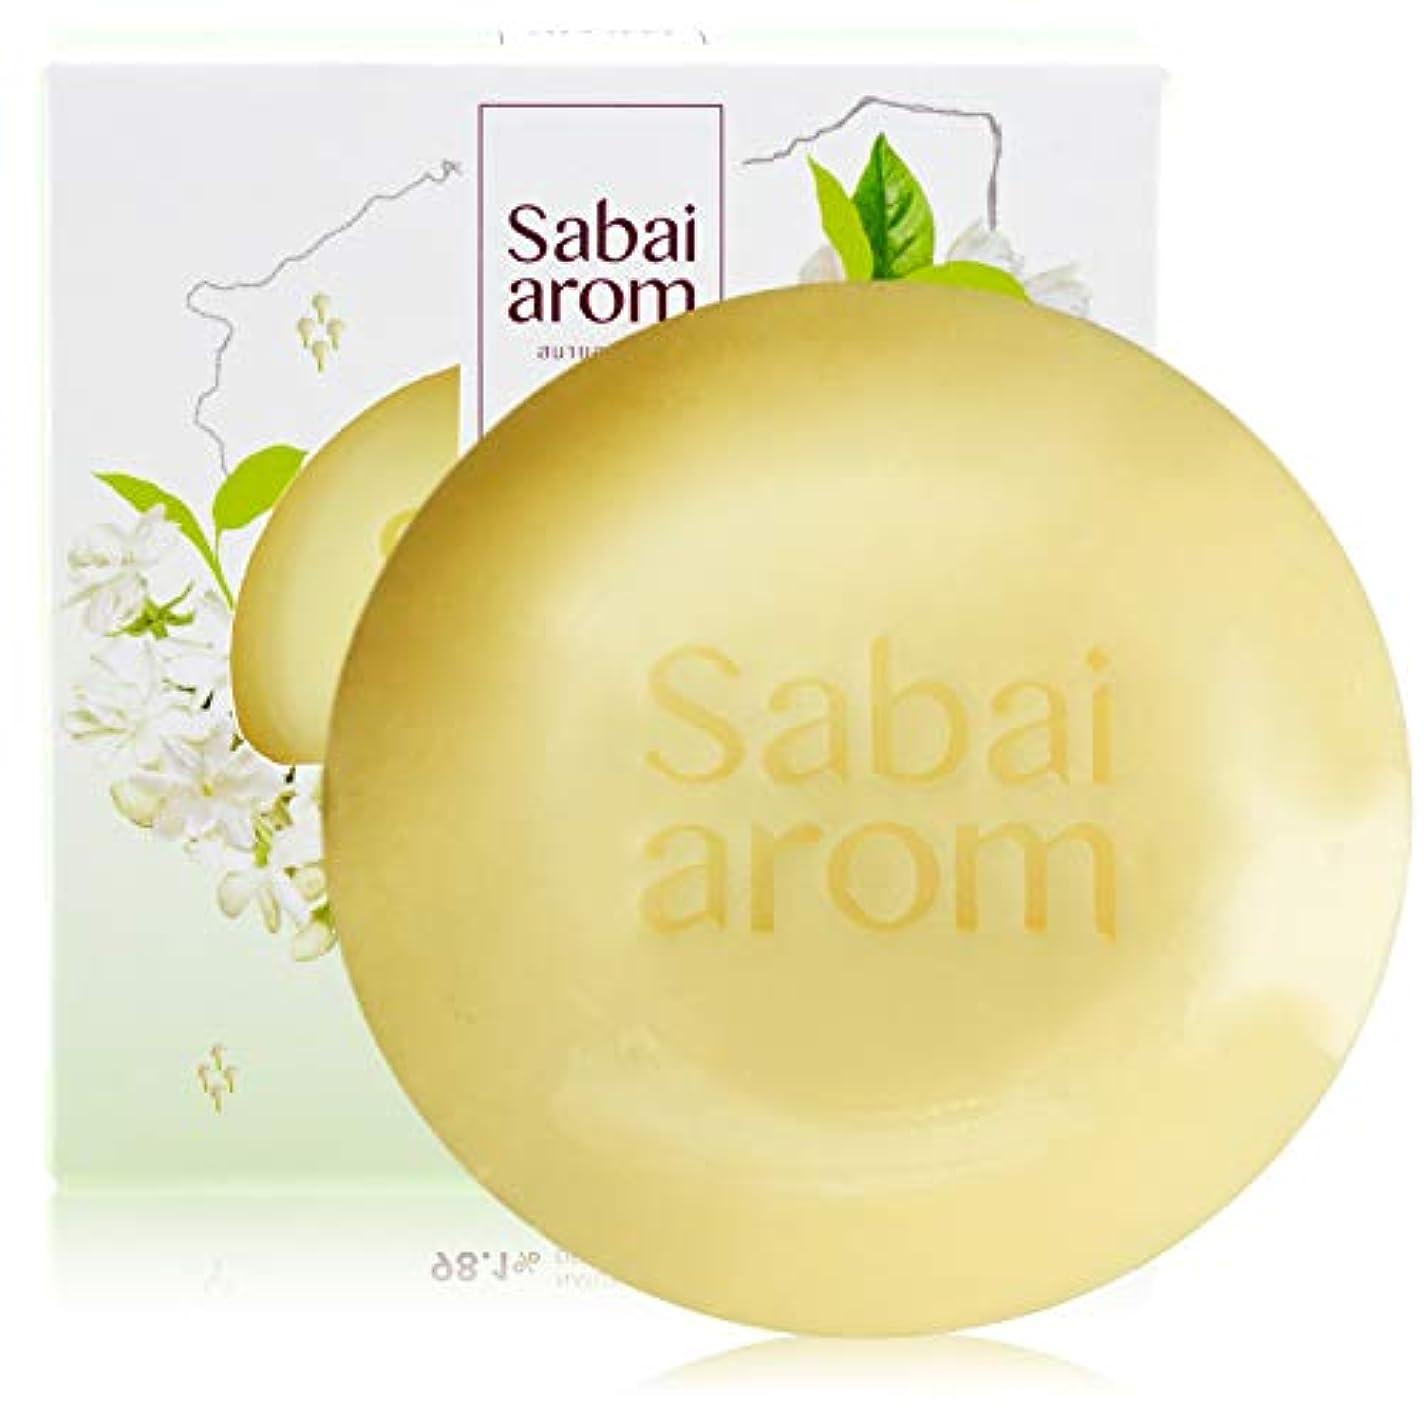 残り摩擦クレーンサバイアロム(Sabai-arom) マリラー ジャスミン リチュアル フェイス&ボディソープバー (石鹸) 100g【JAS】【001】